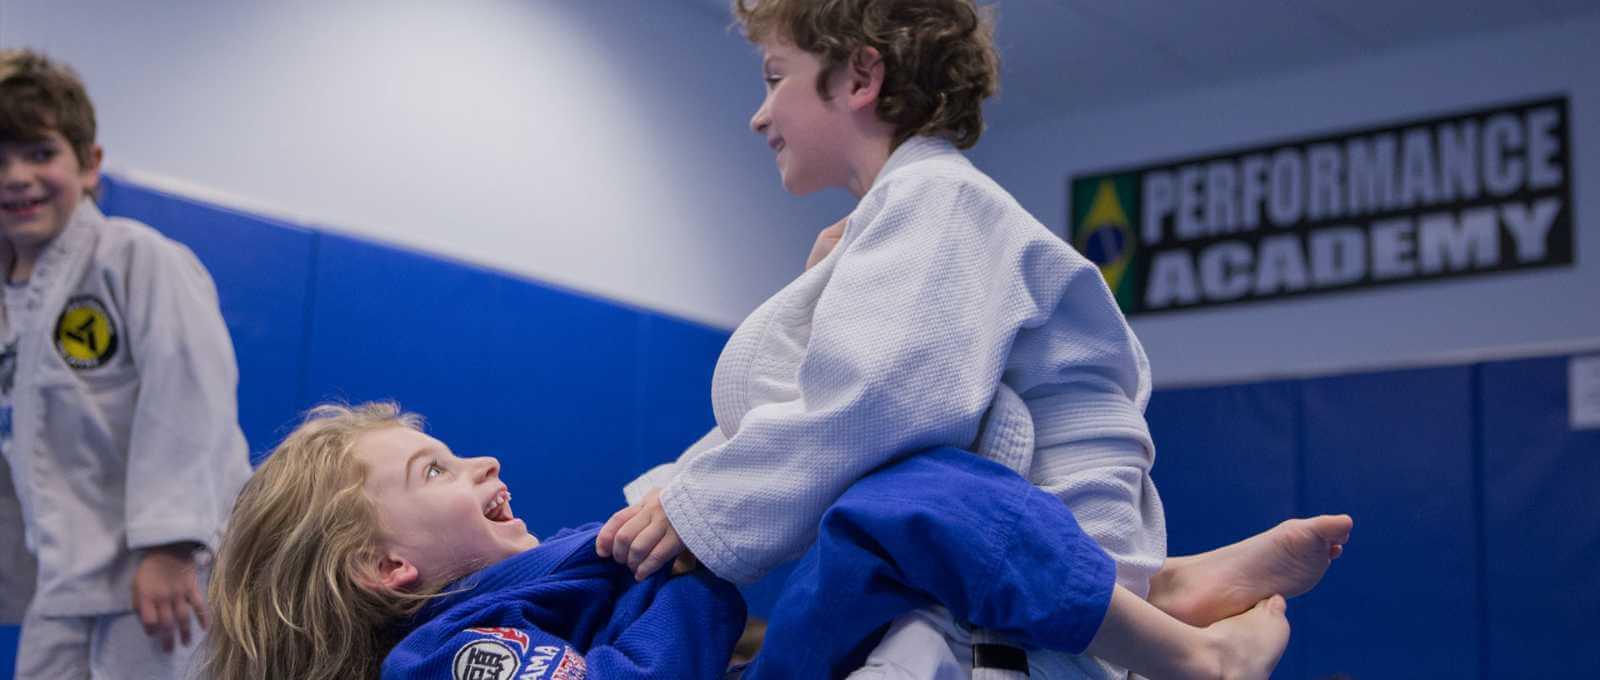 Bergen County Brazilian Jiu Jitsu | Martial Arts Bergen